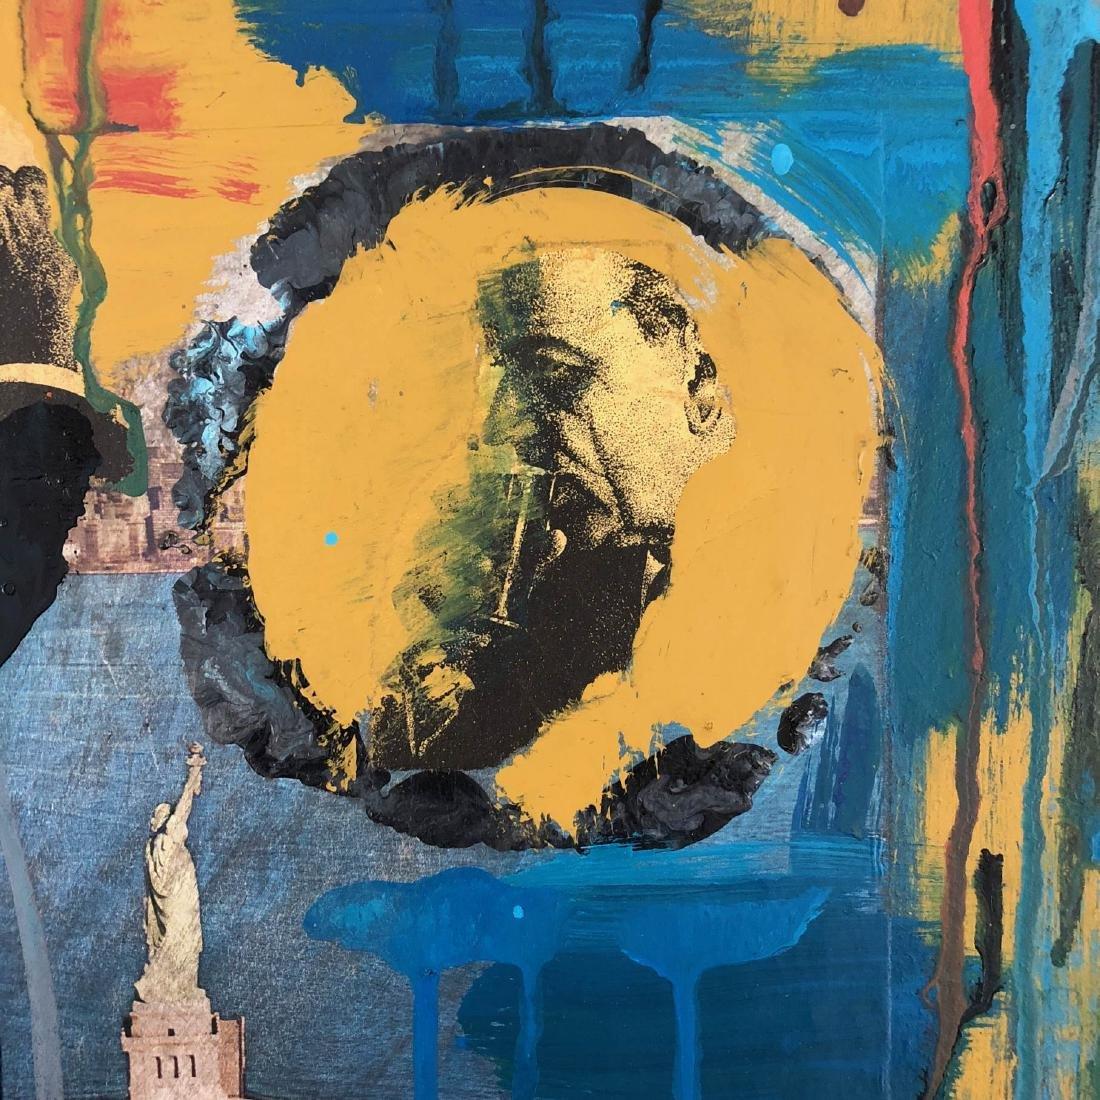 Robert Rauchenberg (American, 1925 - 2008) -- Hand - 2